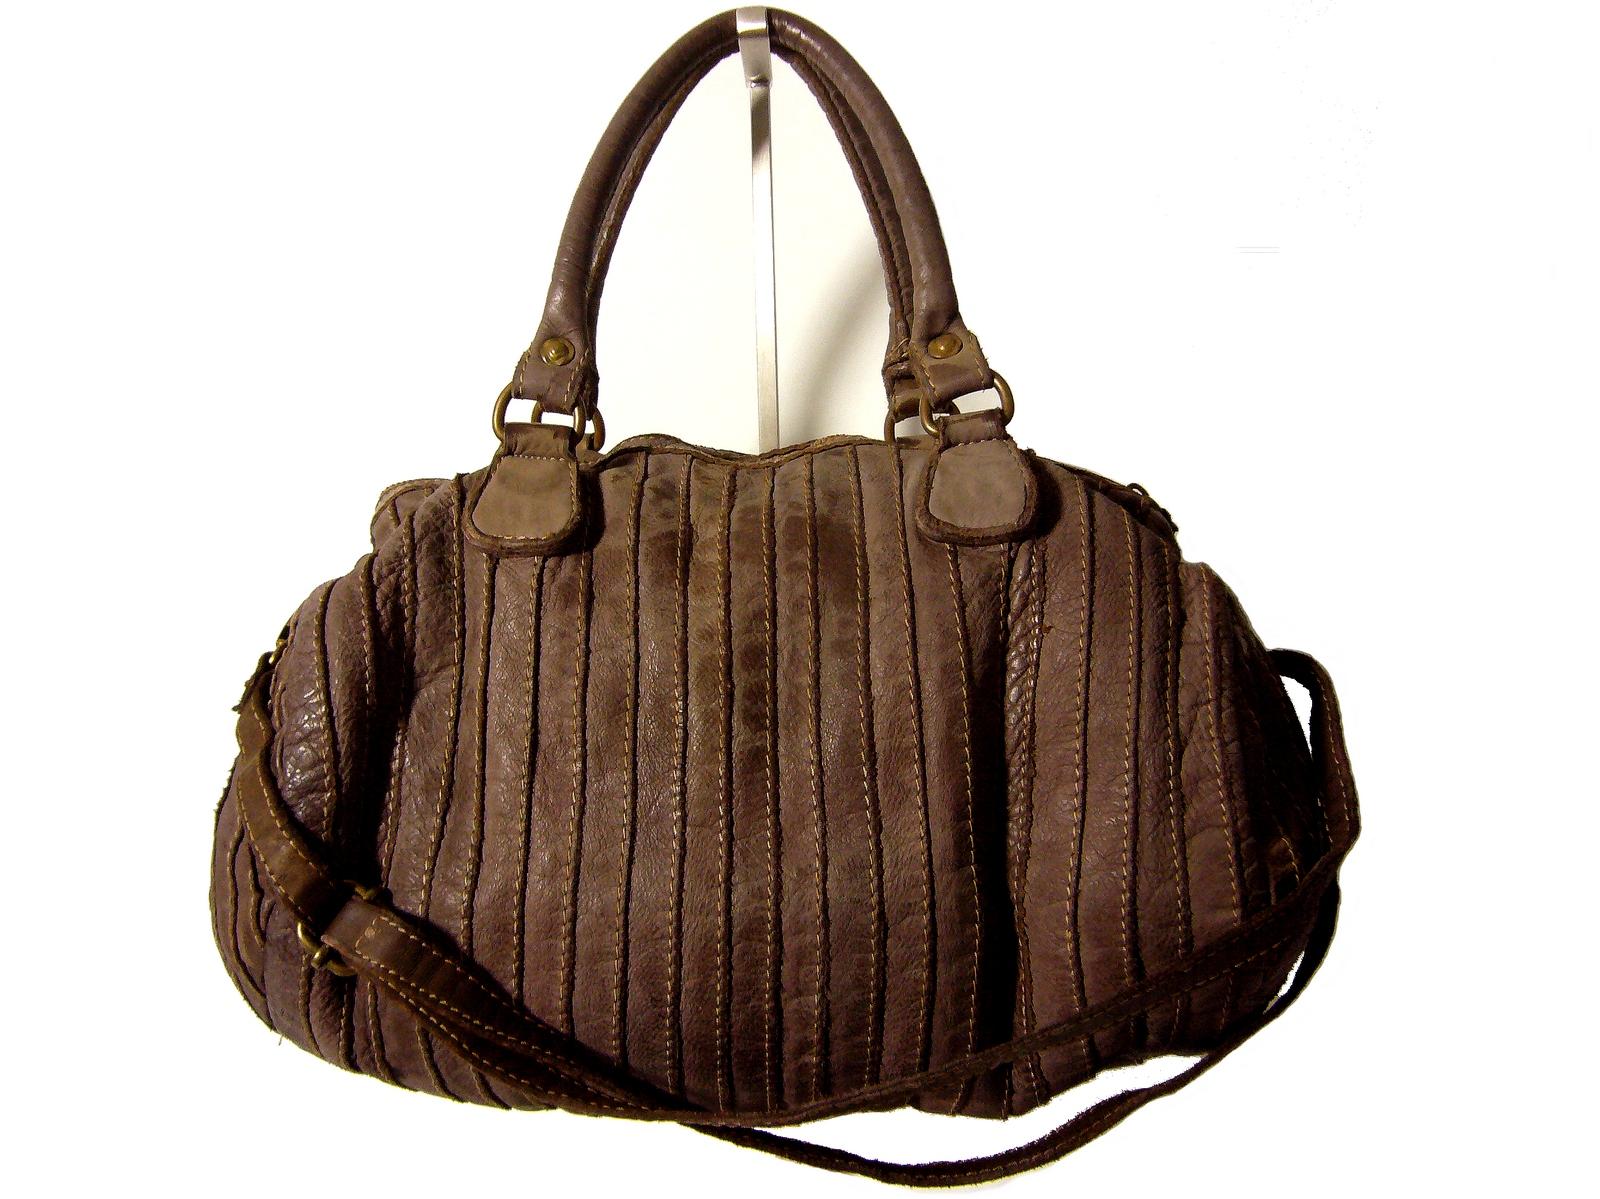 détails pour style attrayant construction rationnelle Sac épaule cuir vintage taupe Paolo